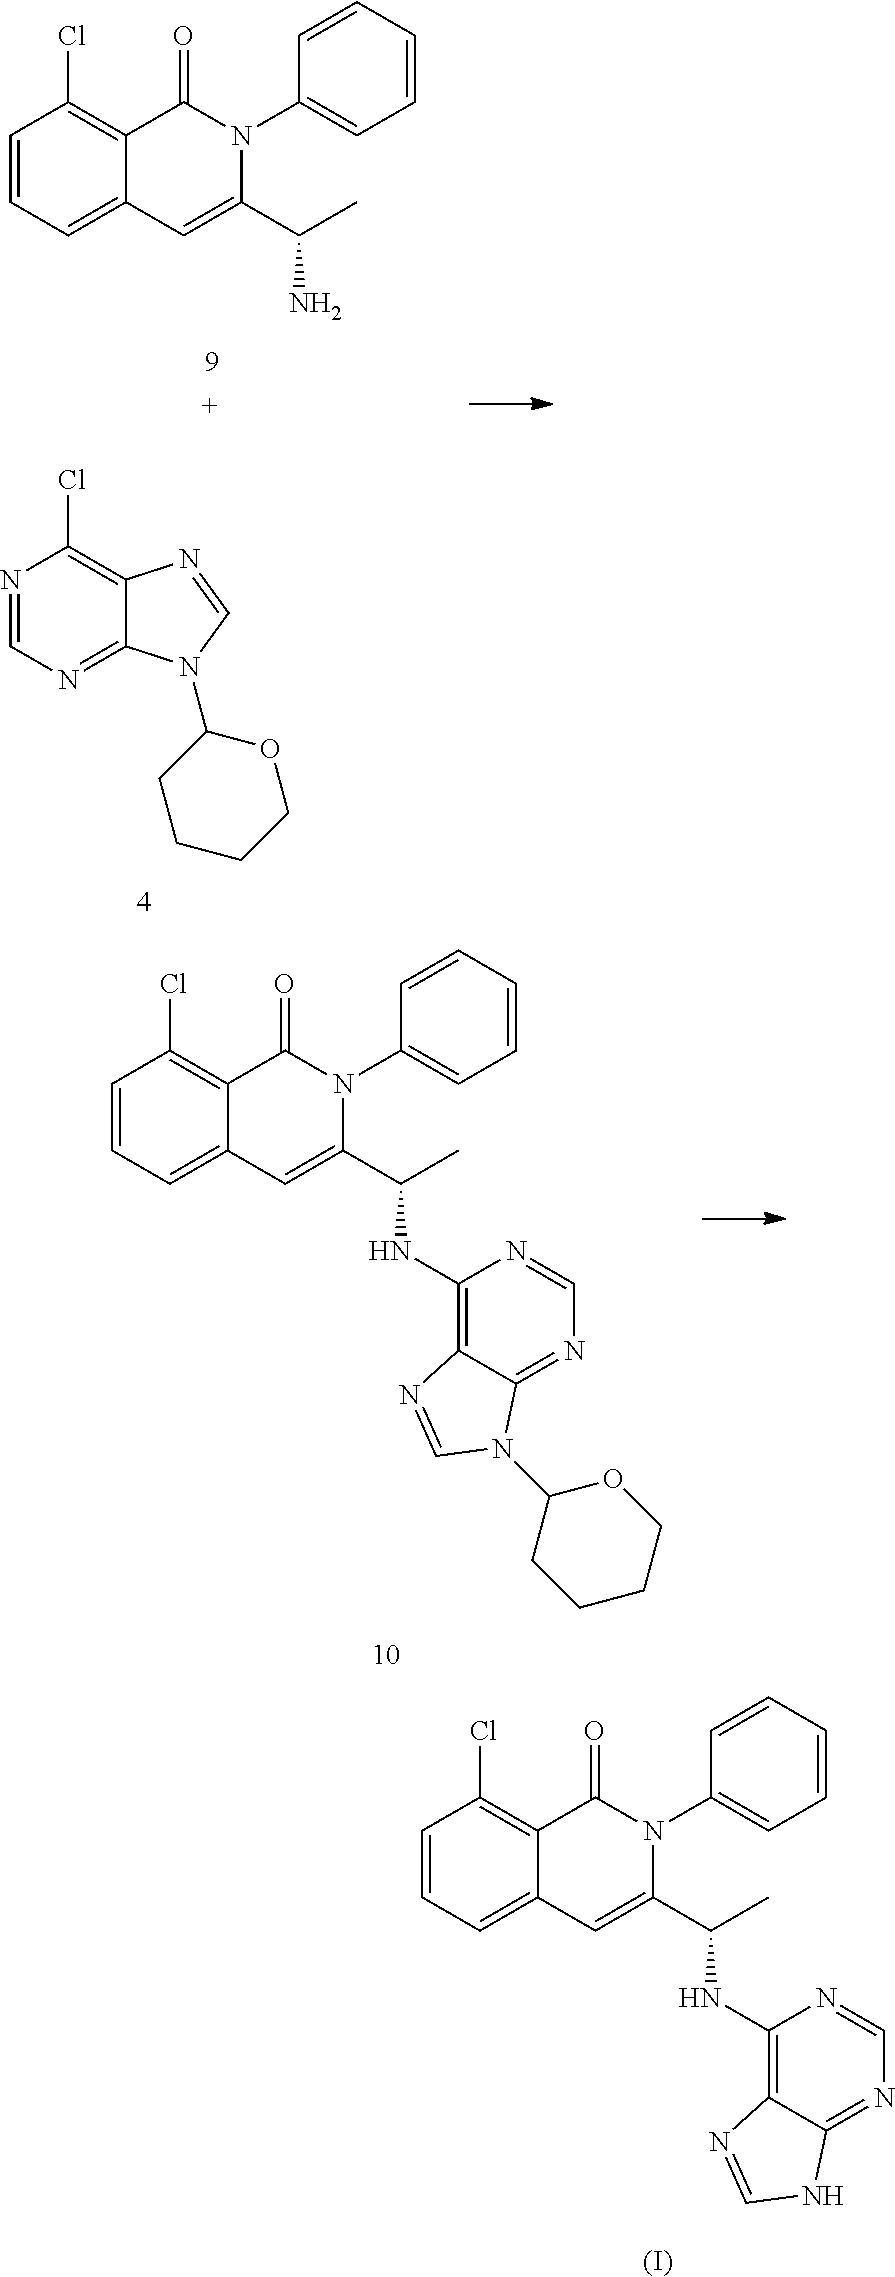 Figure US09840505-20171212-C00050